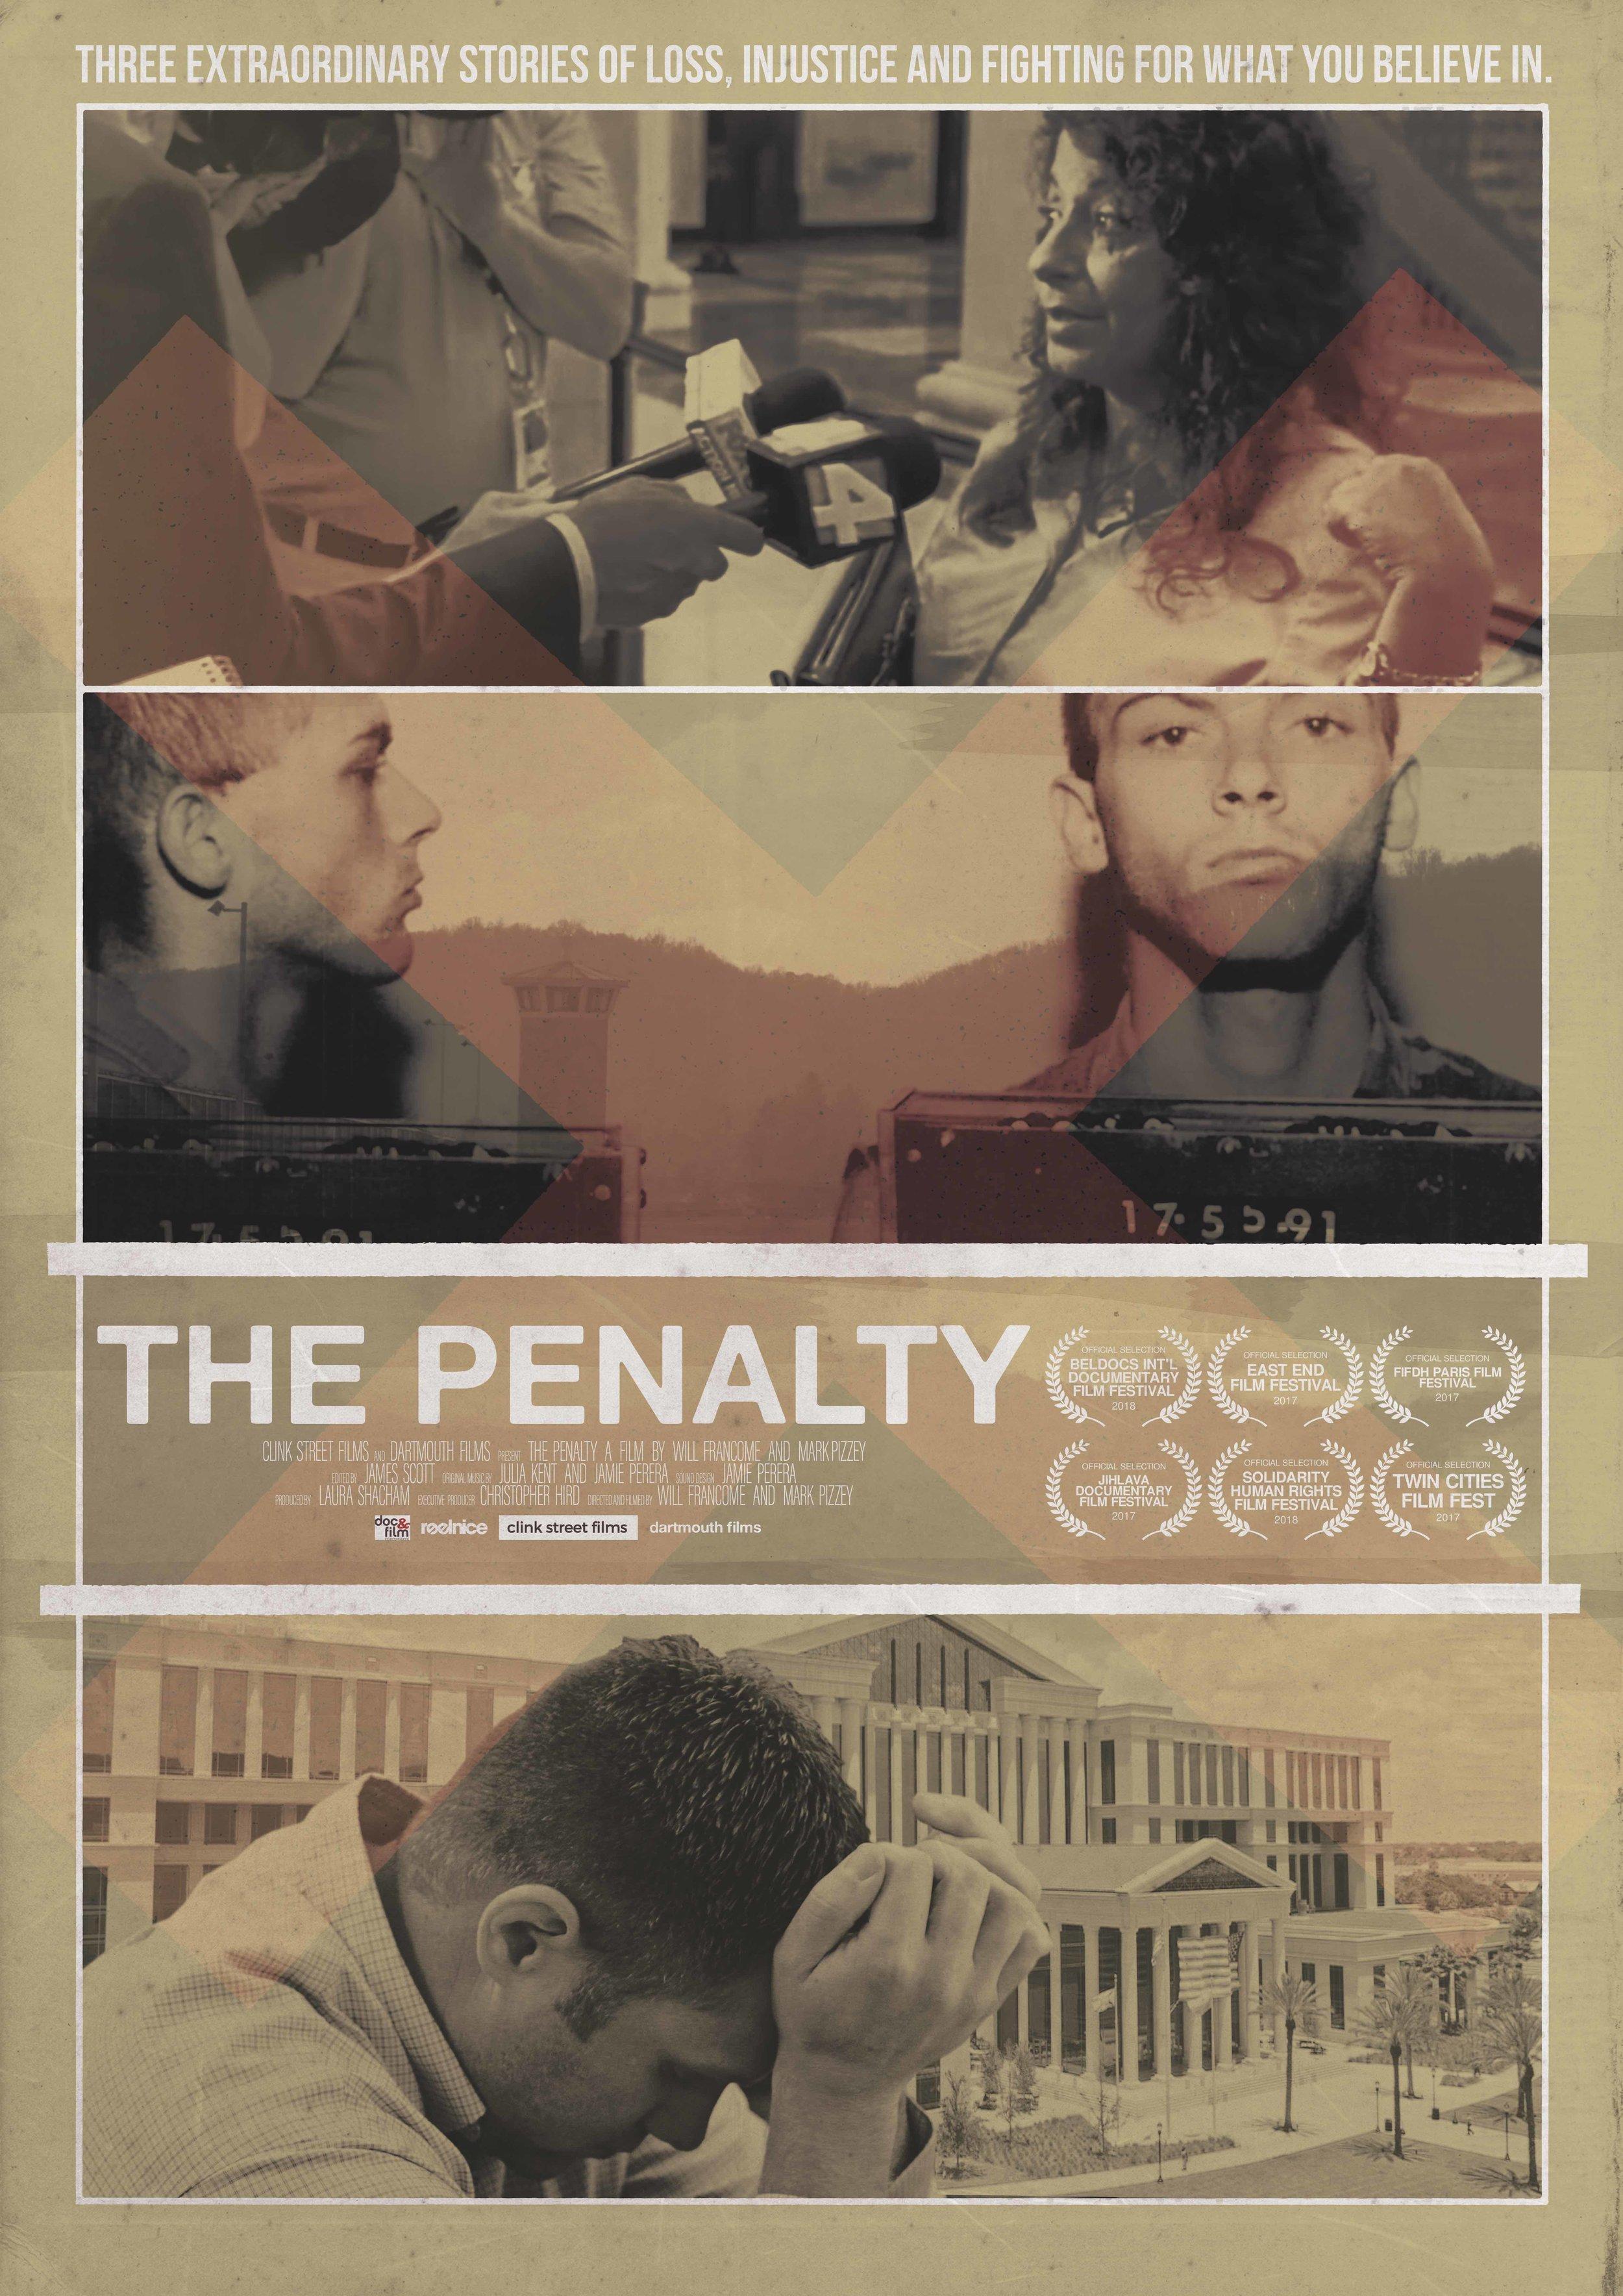 The Penalty_Web.jpg